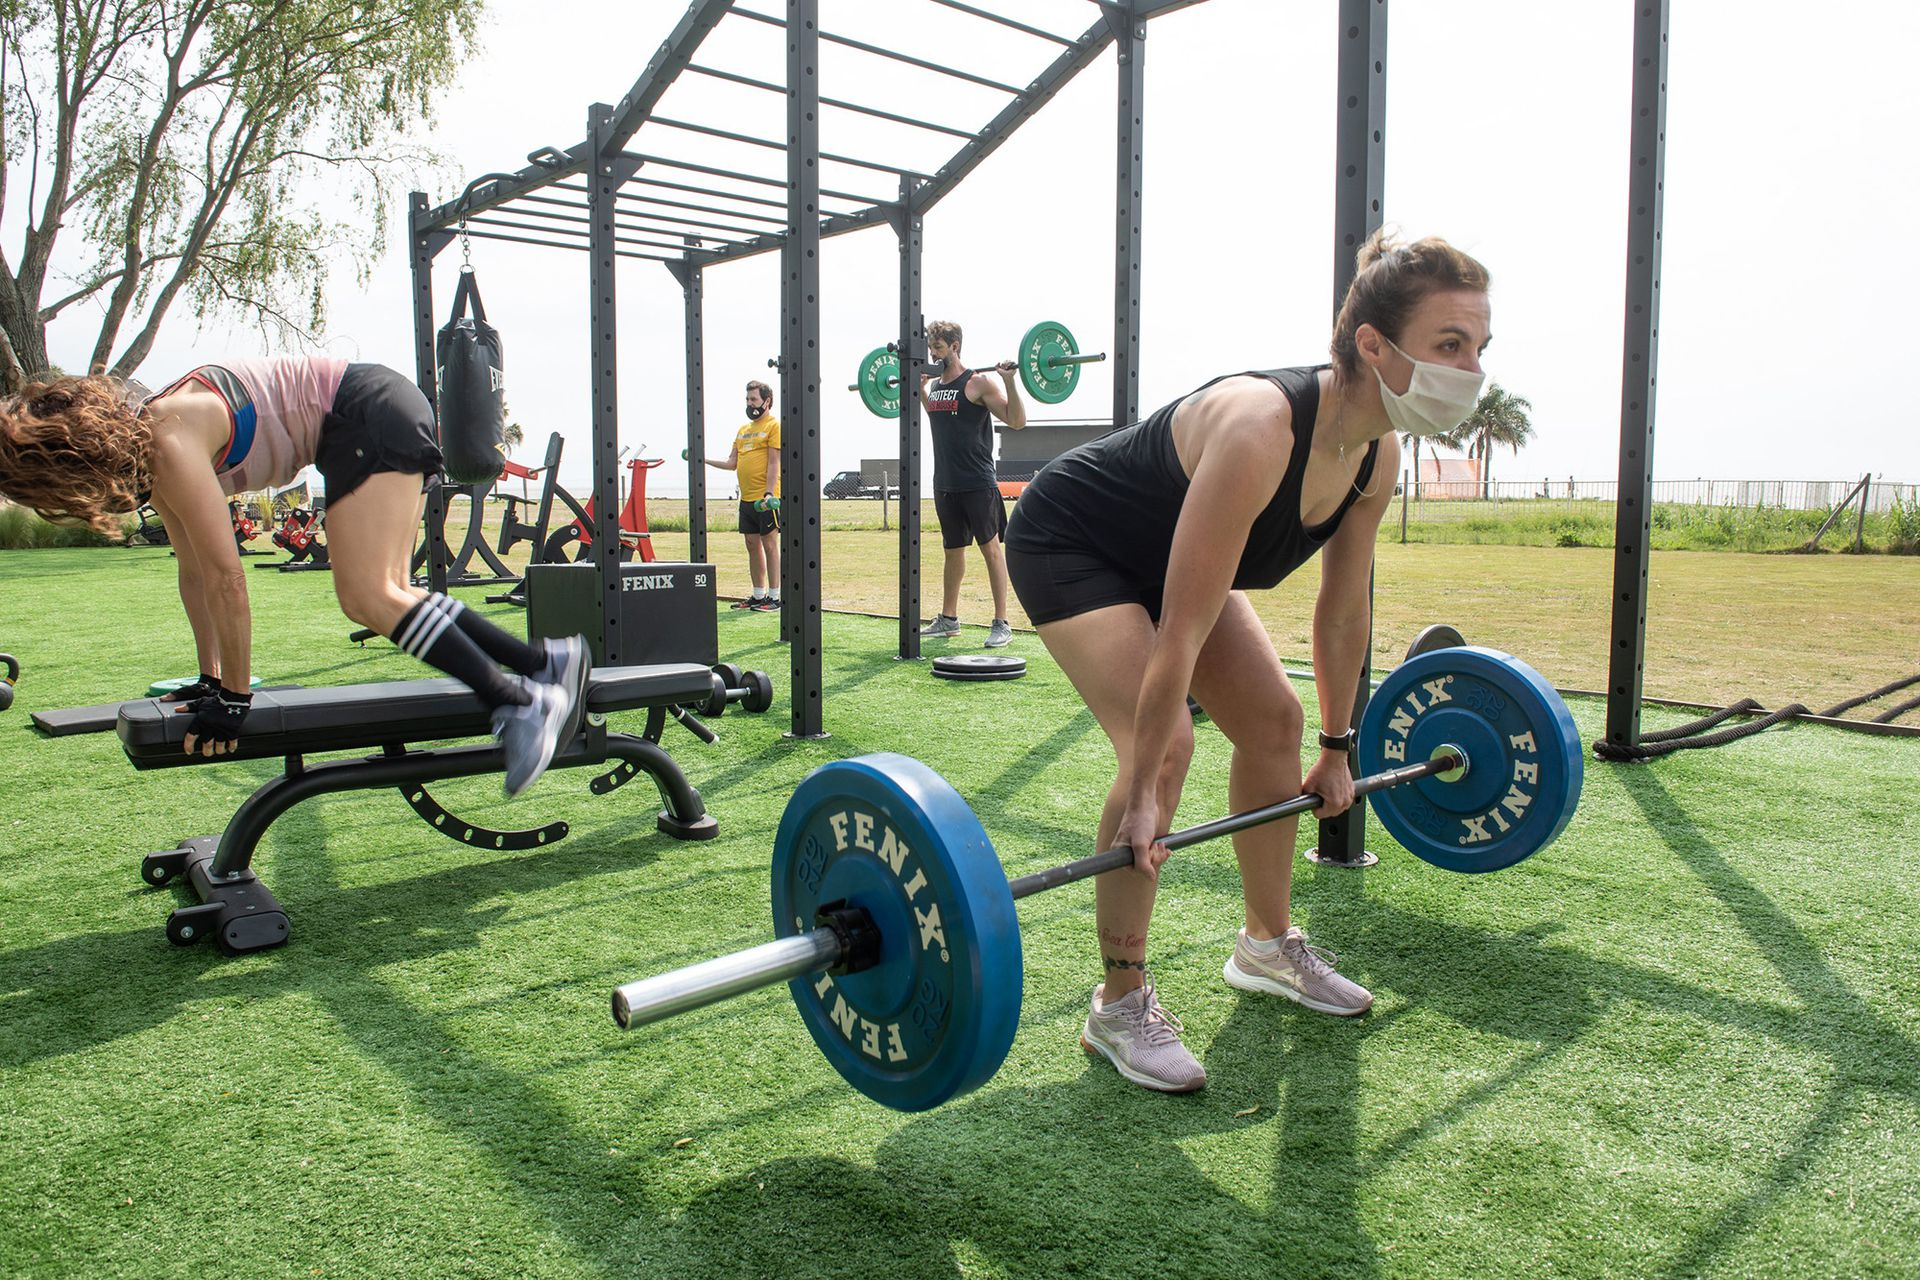 La sede Al Río, de Sport Club, volvió a abrir con estrictos protocolos sanitarios